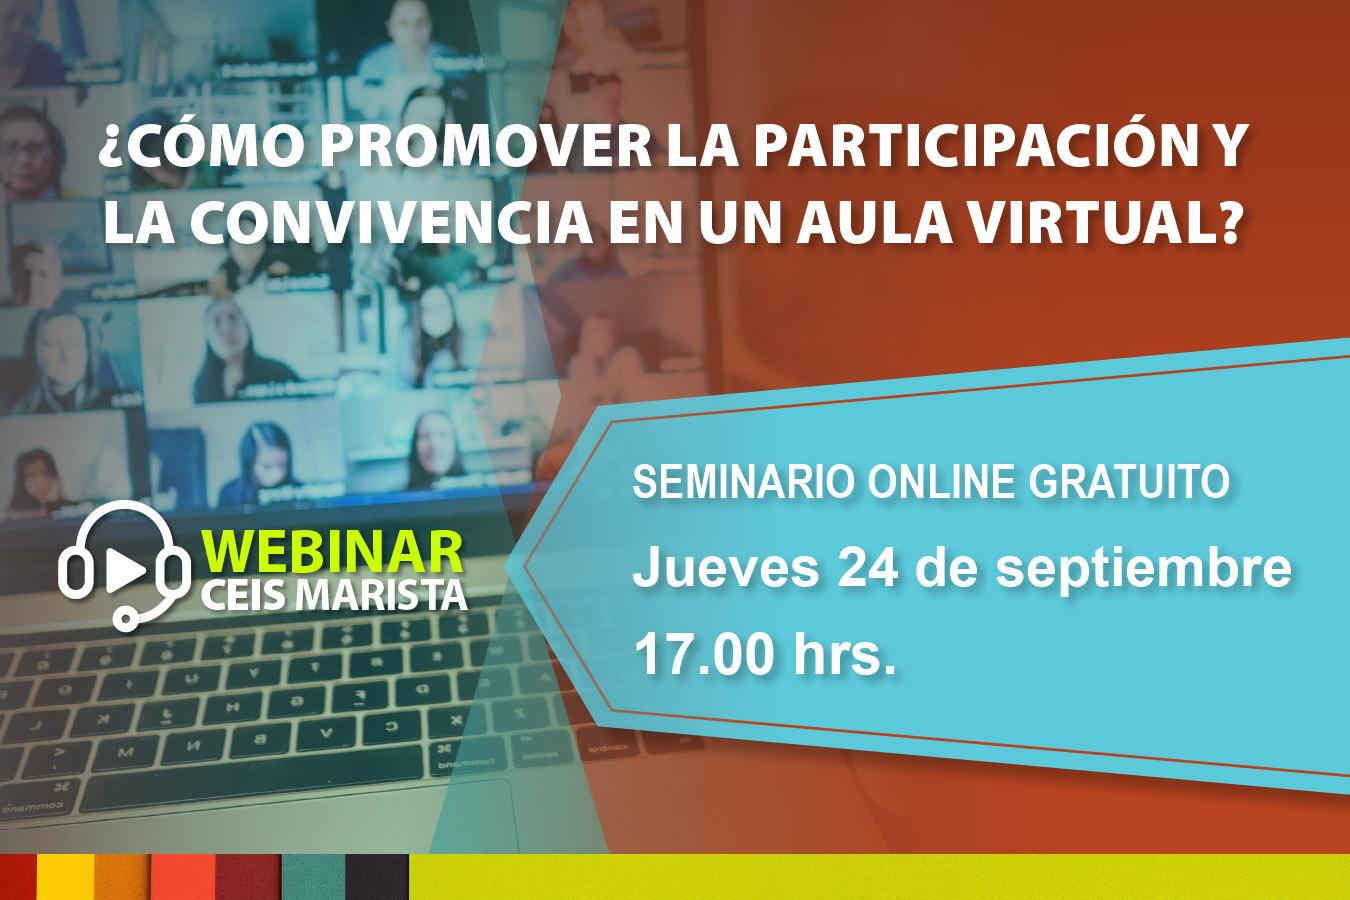 Webinar Ceis Marista: ¿Cómo promover la participación y la convivencia en un aula virtual?